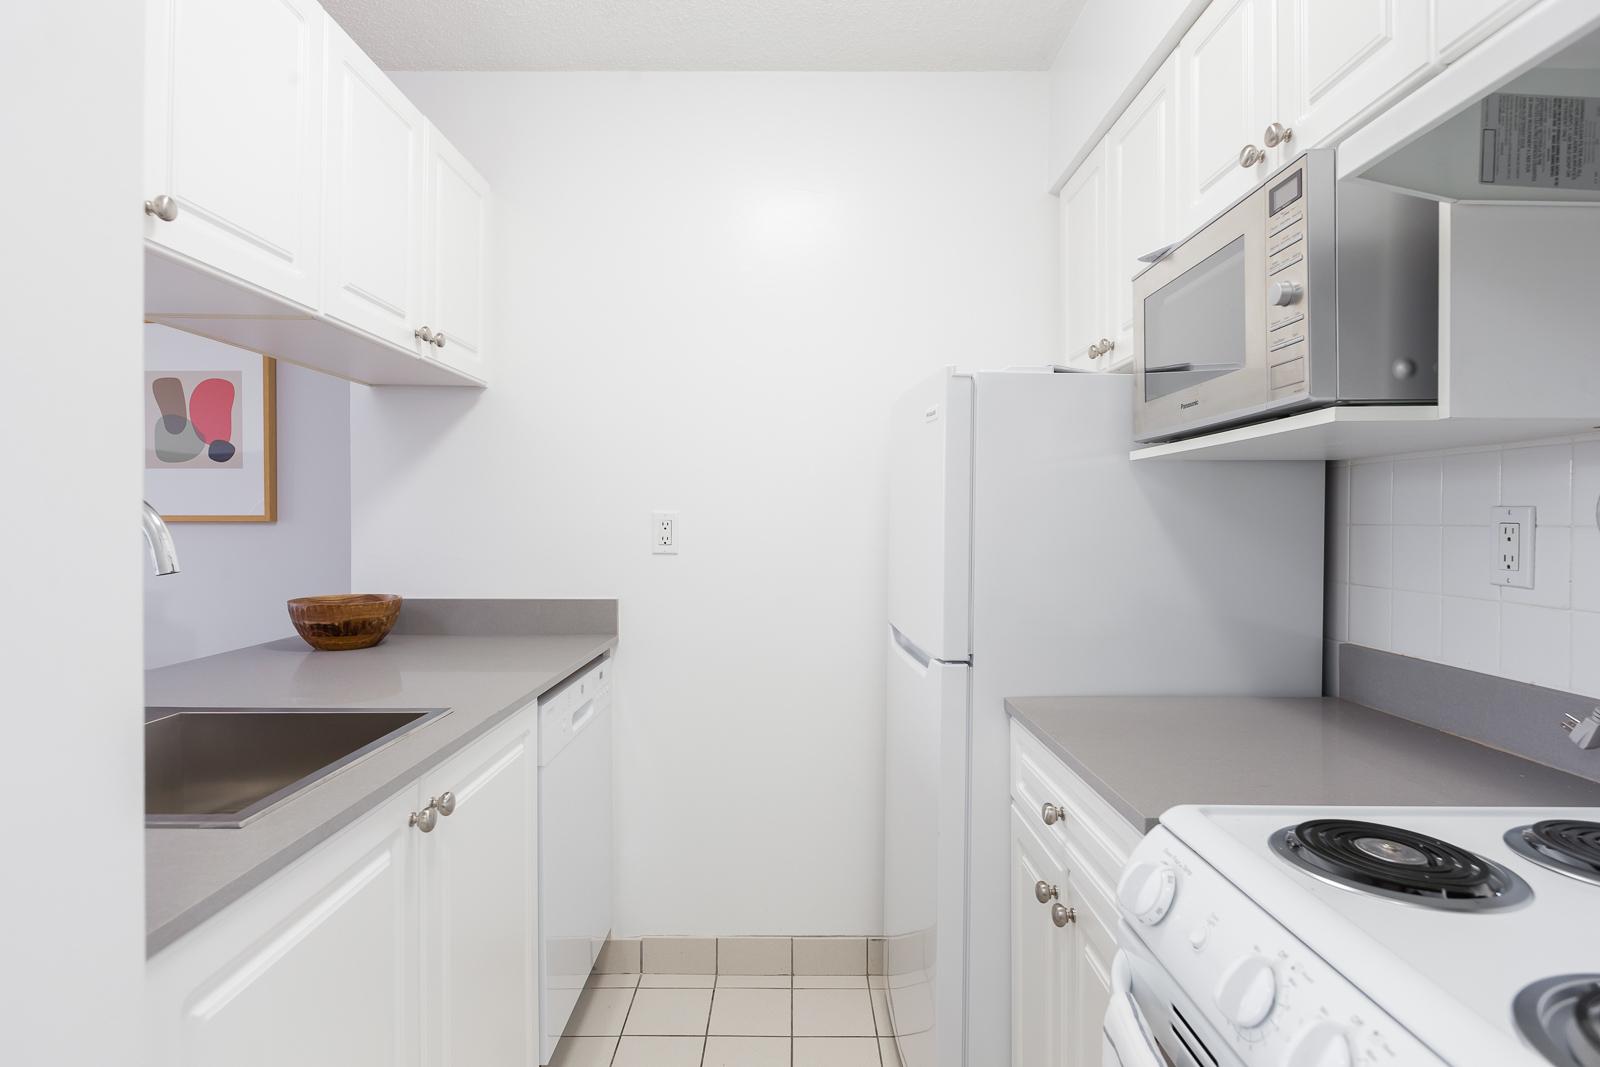 Hollyburn Harbourview 1Bedroom Furnished Rental kitchen 4 604